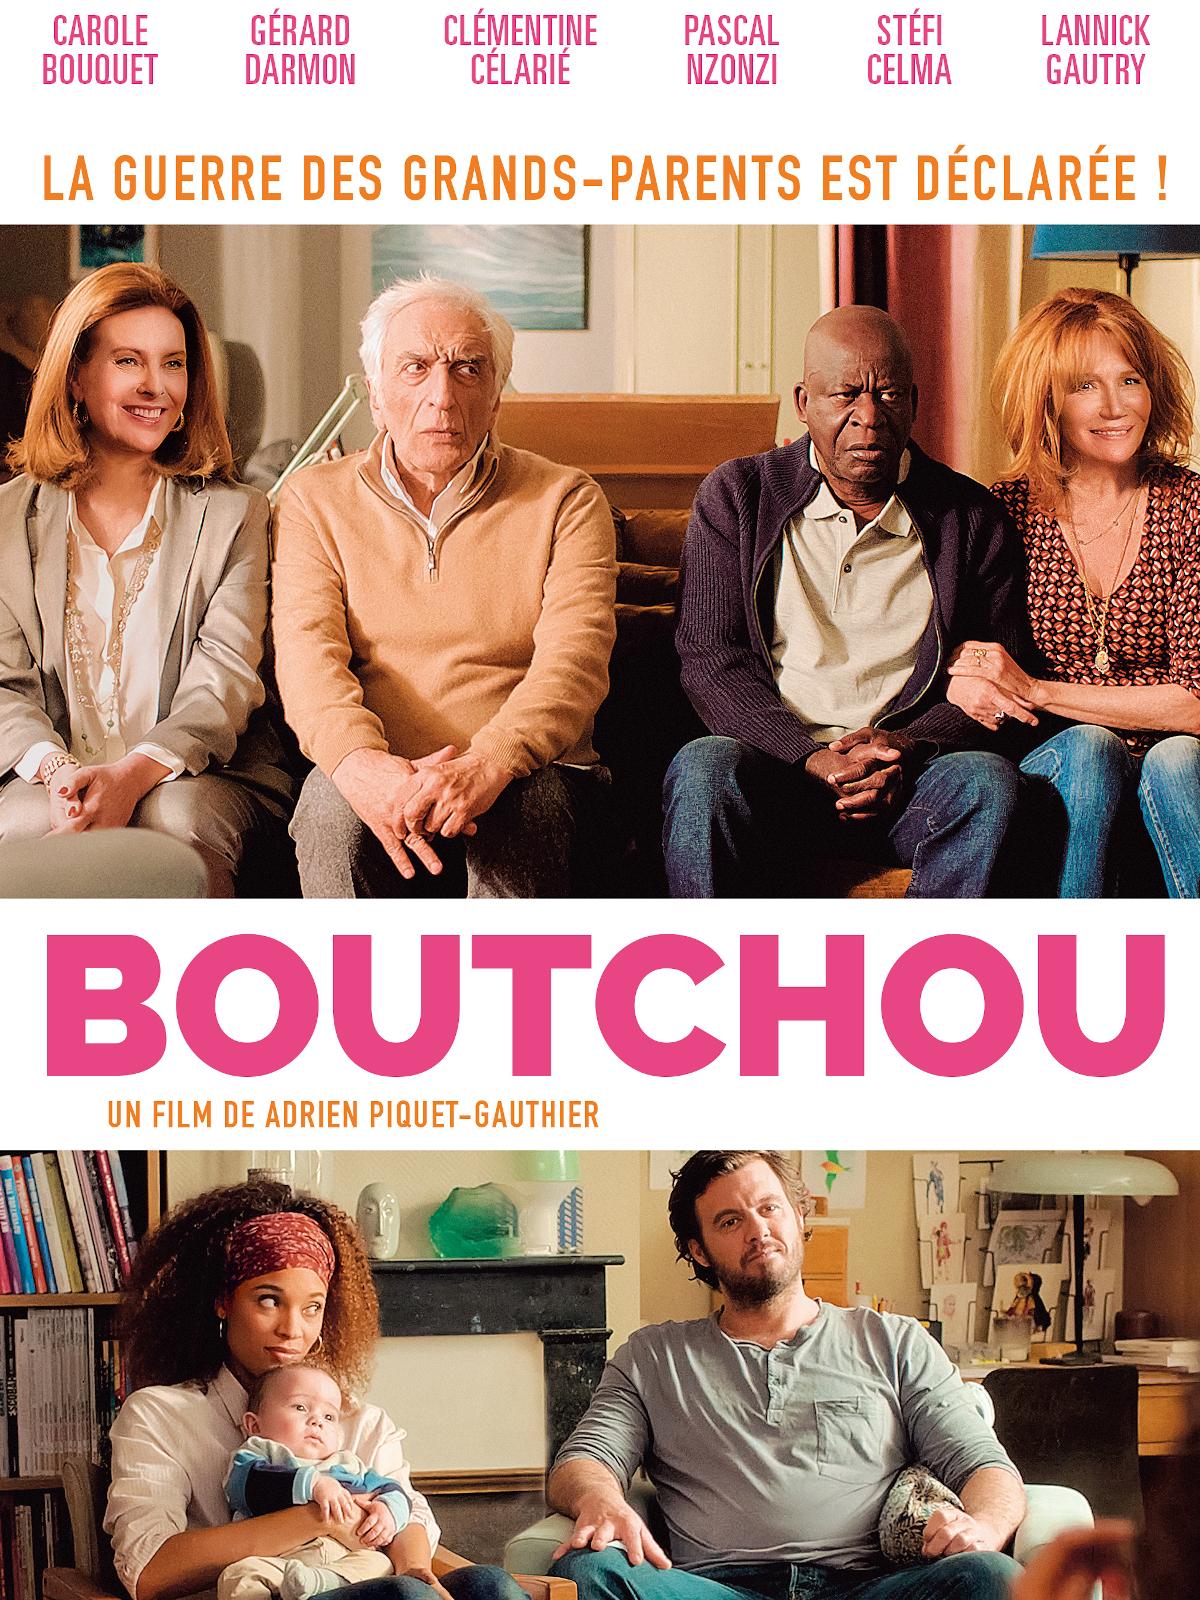 Boutchou | Piquet-Gauthier, Adrien (Réalisateur)